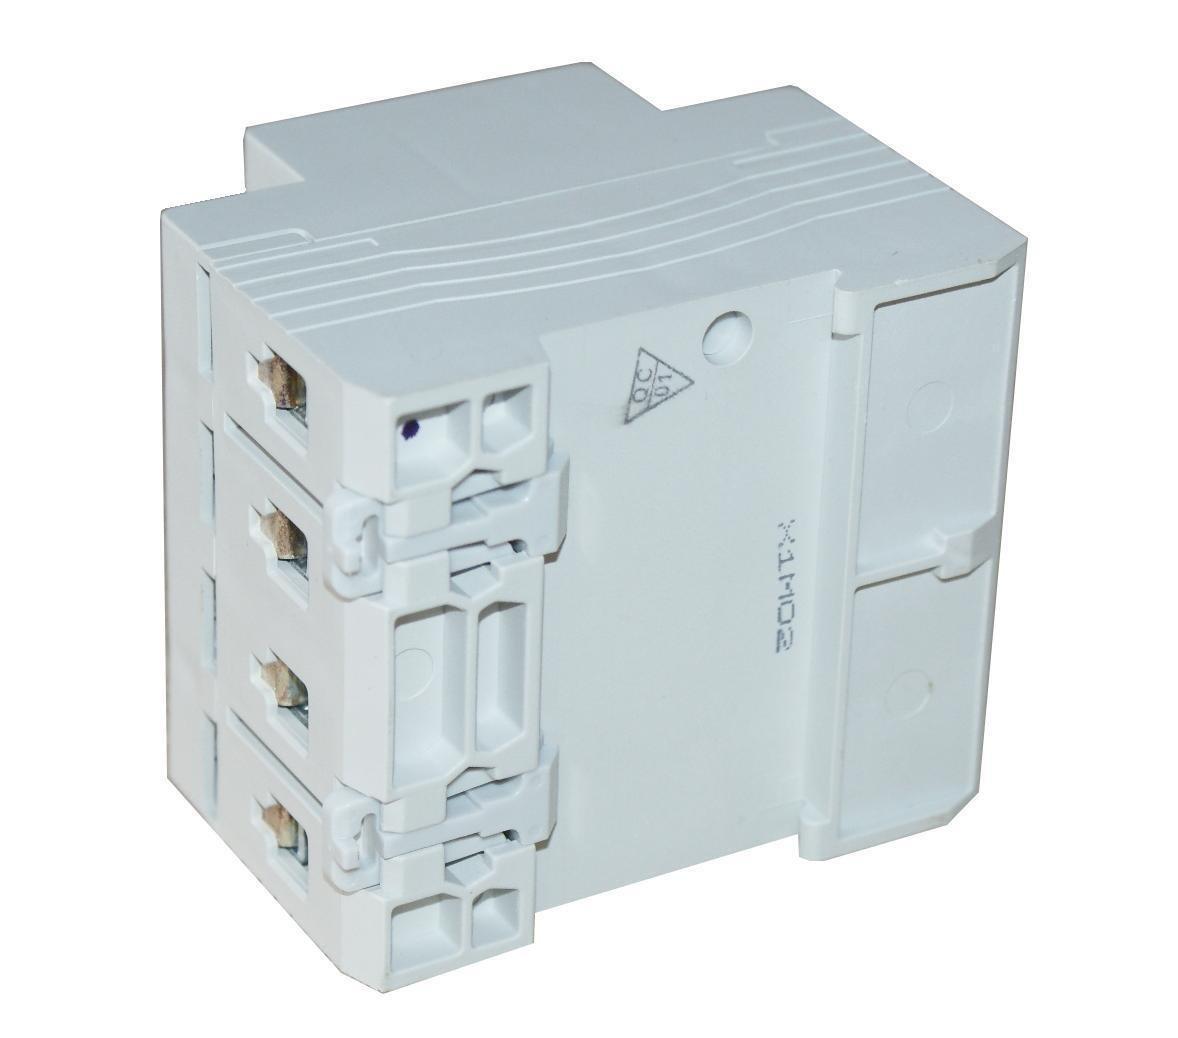 Fehlerstromschutzschalter 40A 400V 30mA 4-pol FI-Schalter Leitungsschutzschalter